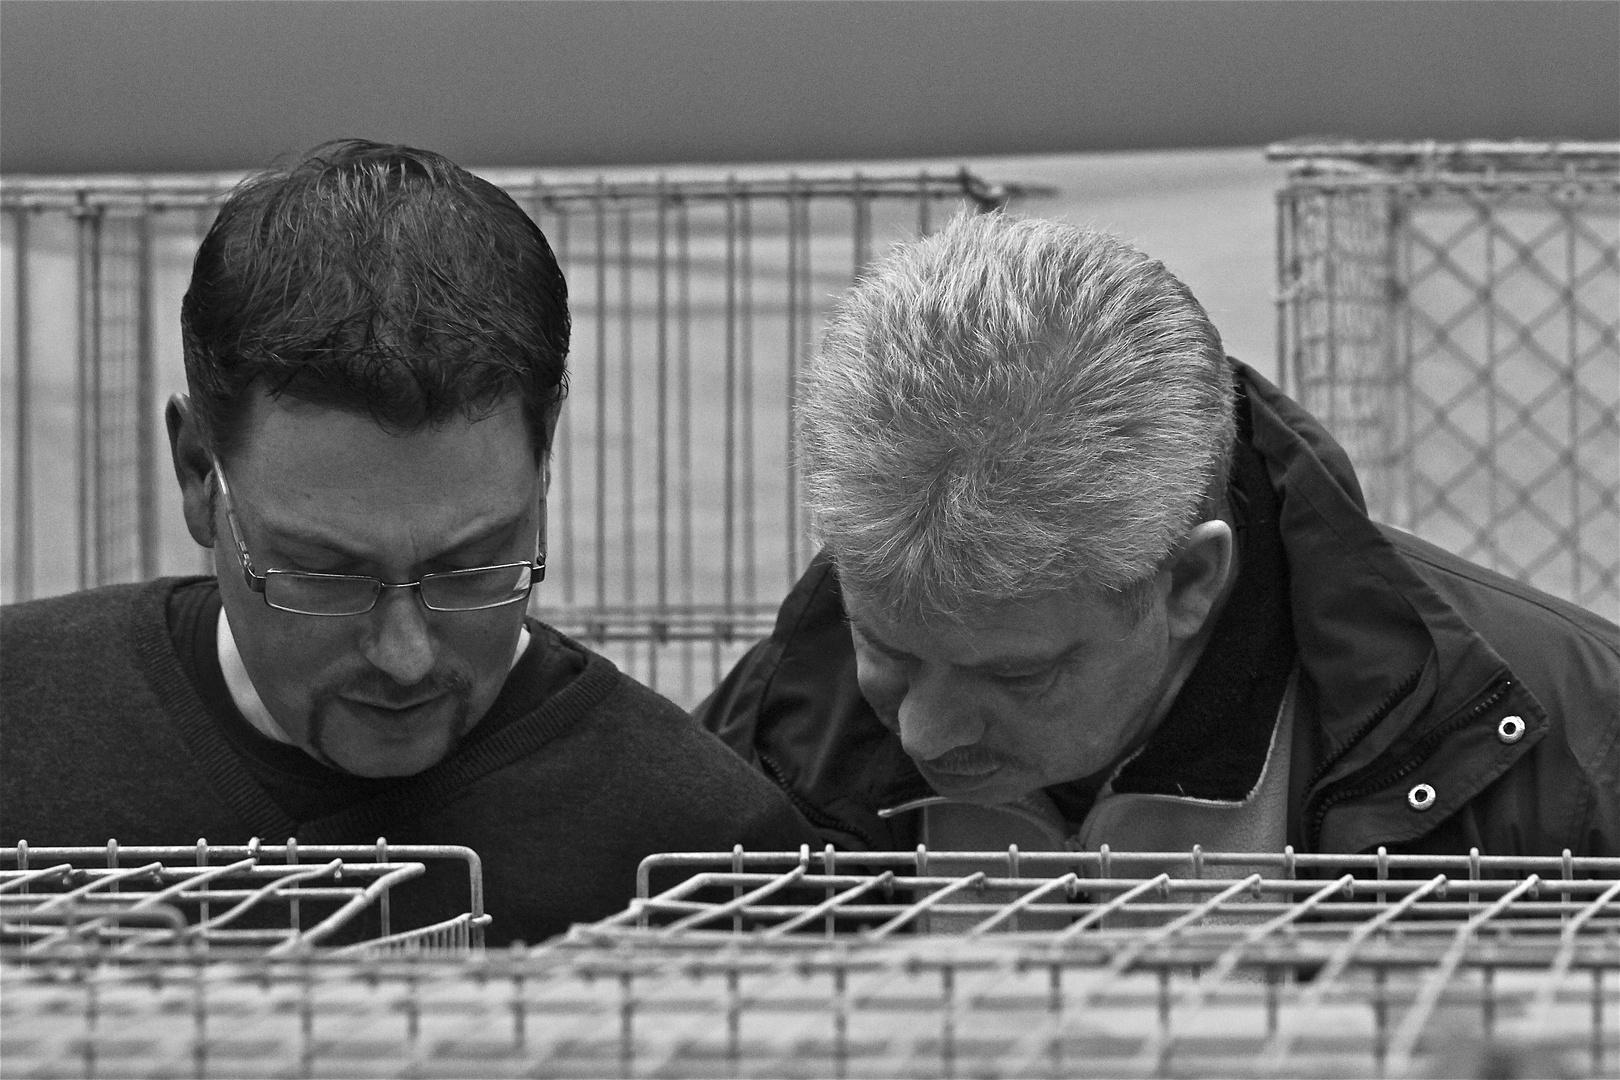 KZV Zeilhard/Odenwald, 24.11.2012 (5)